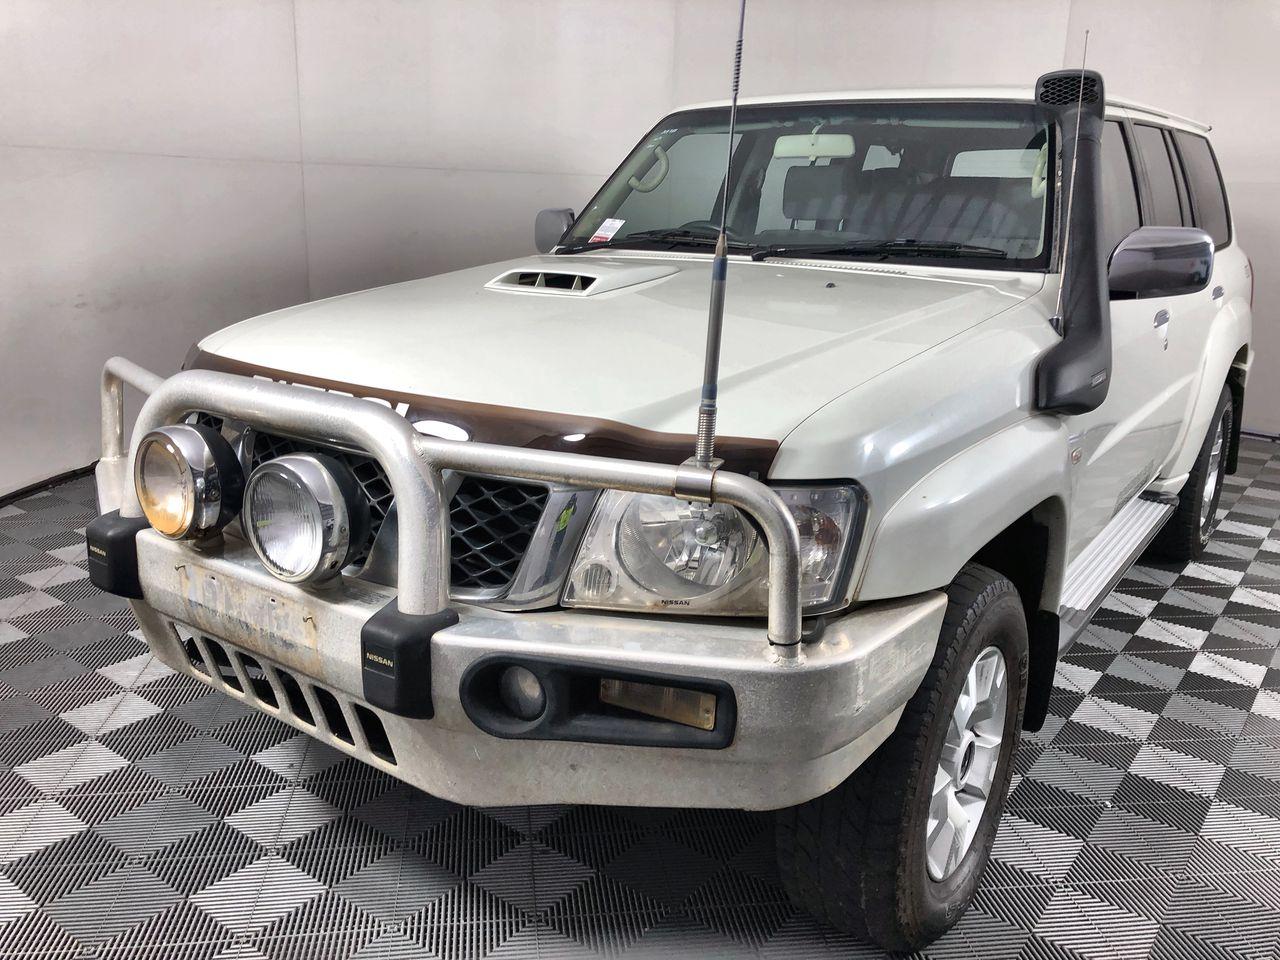 2011 Nissan Patrol ST (4x4) GU II Turbo Diesel Automatic 7 Seats Wagon